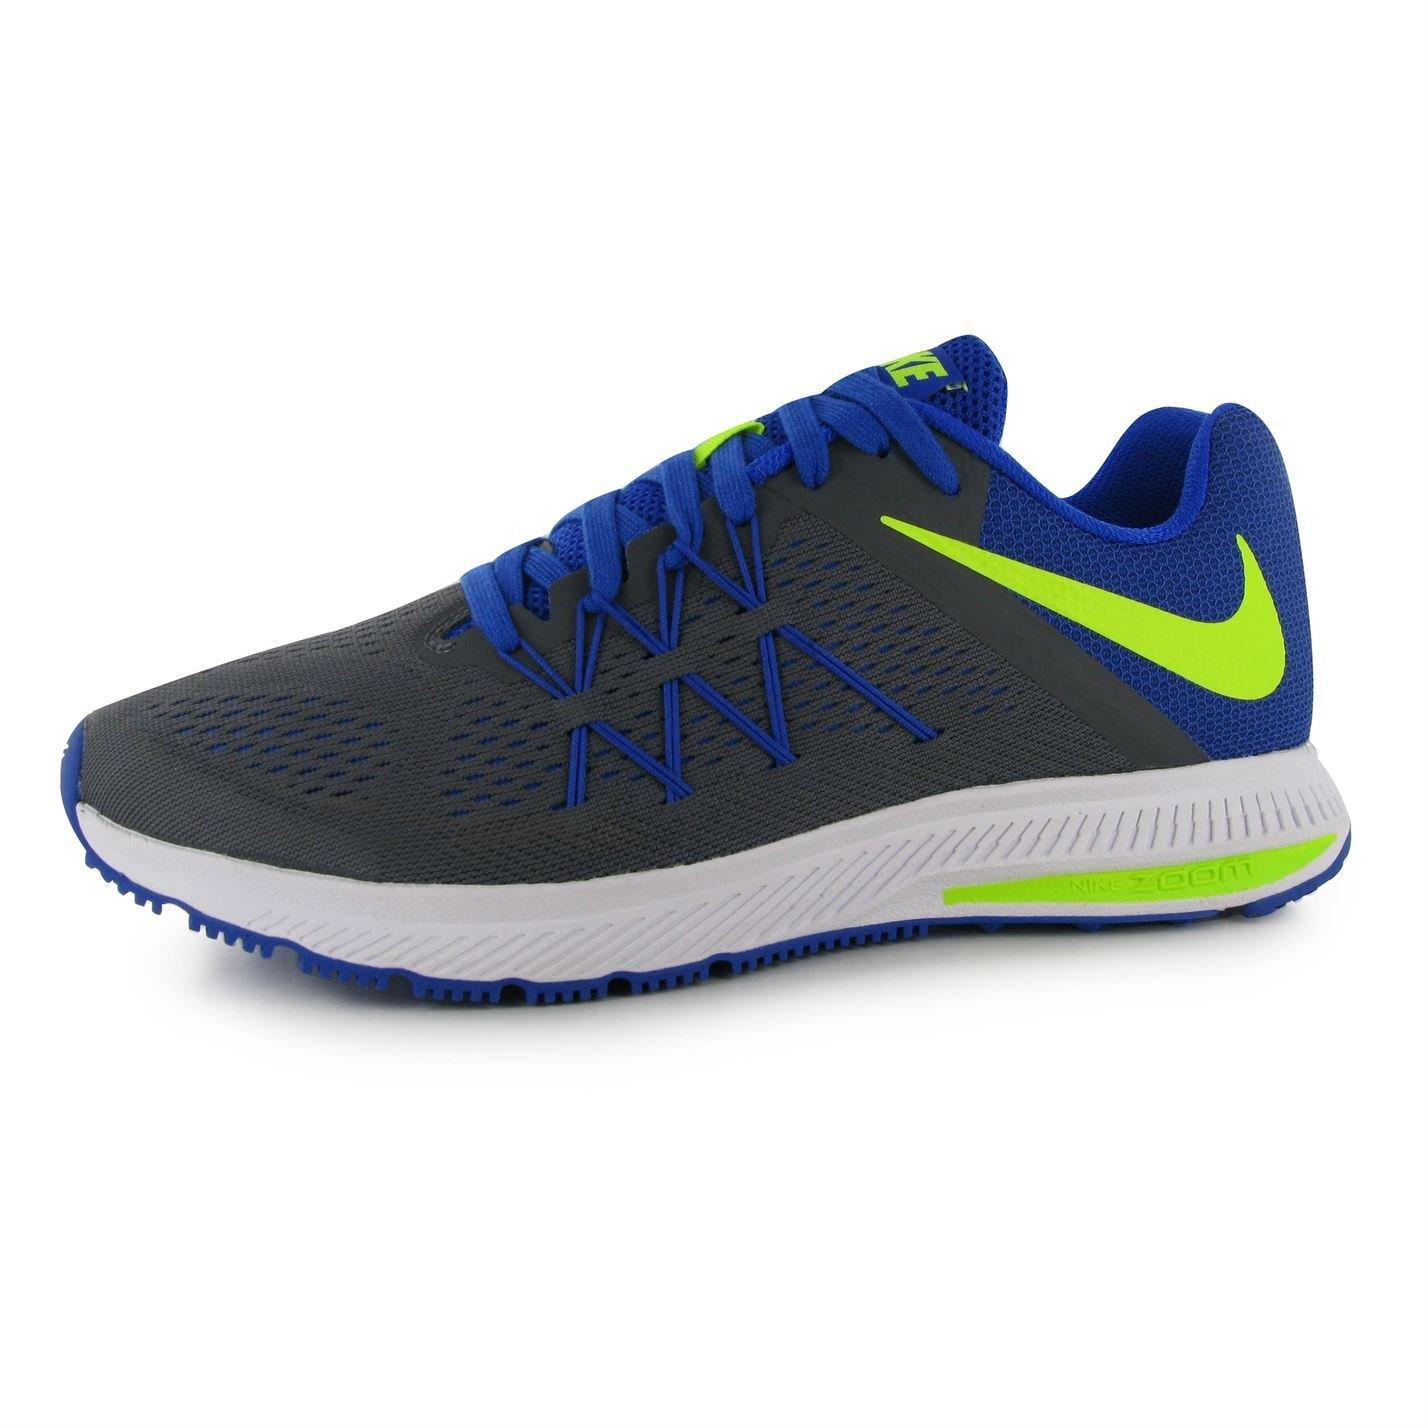 Nike Zoom Winflo 3 Zapatillas de Running para Hombre Gris/Volt Fitness Sports Trainers Zapatillas Deportivas, Grey/Volt: Amazon.es: Deportes y aire libre